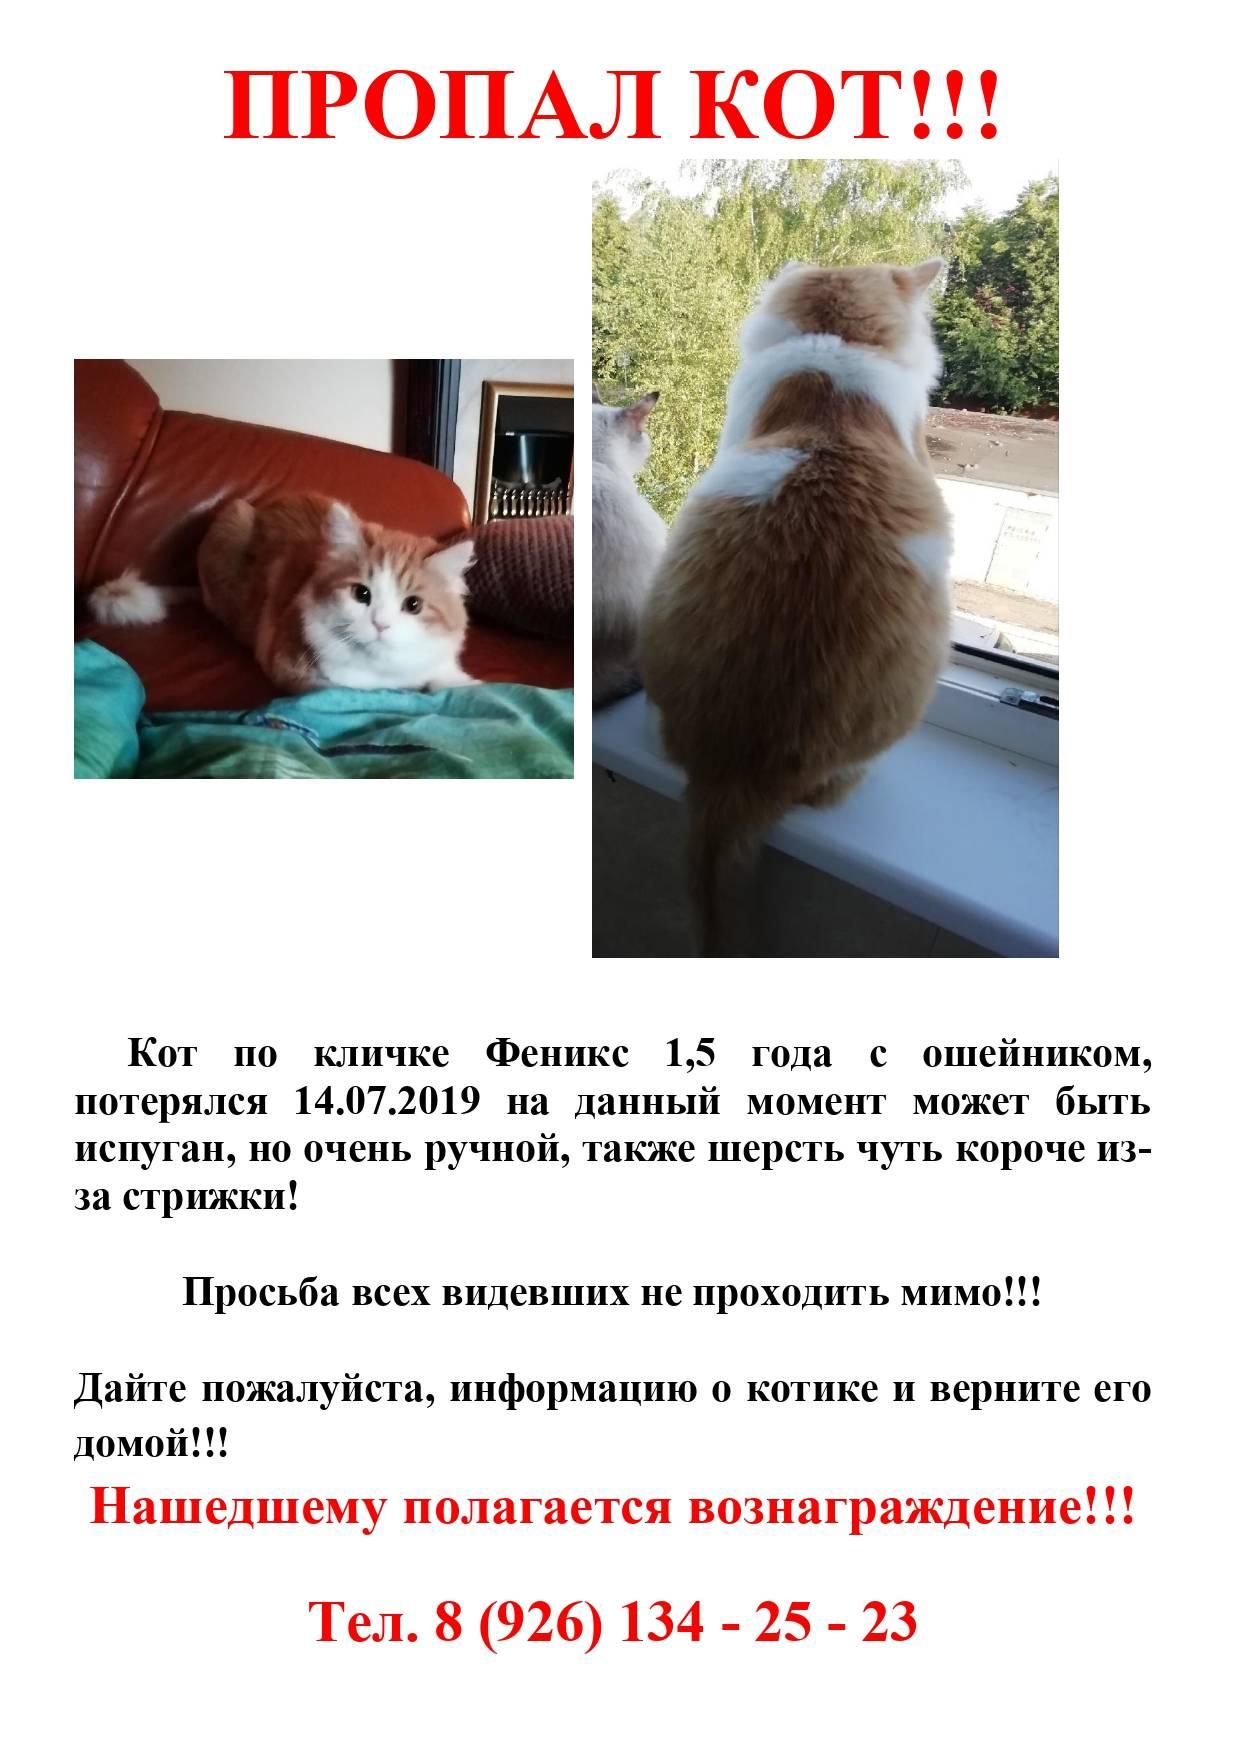 Как найти пропавшего кота — на улице, даче, в огороде, деревни